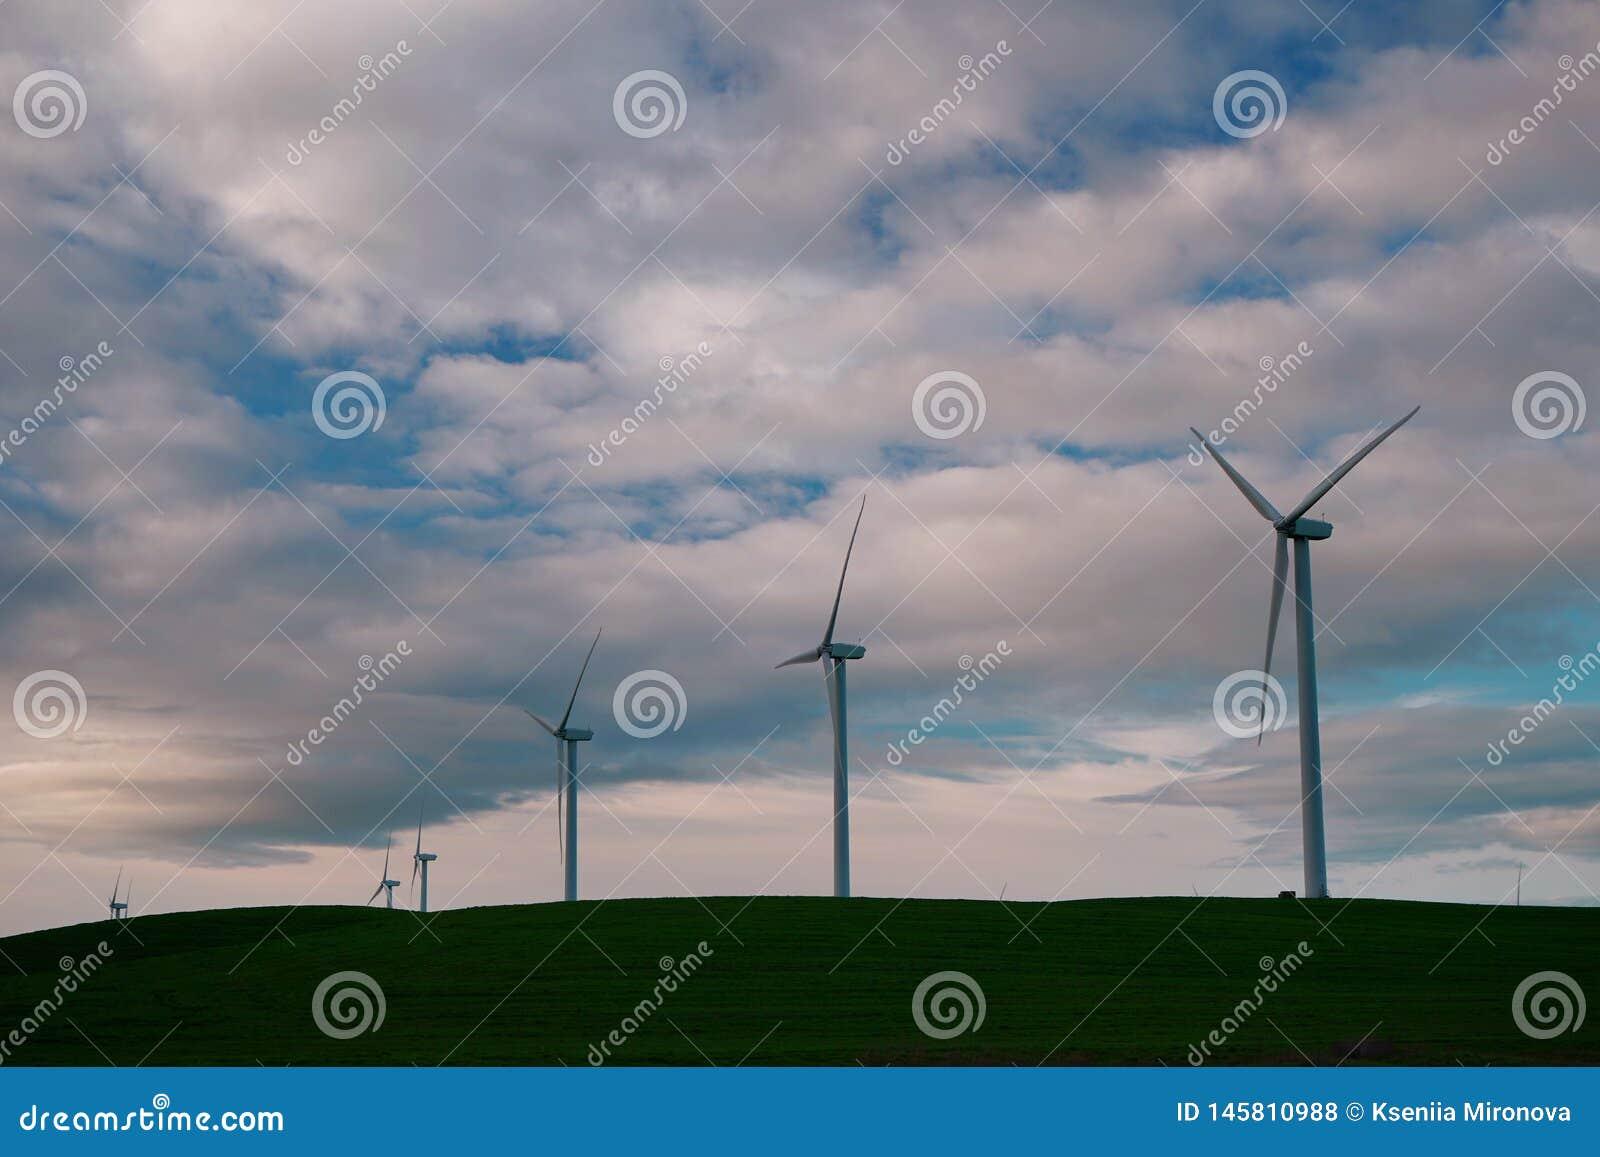 De windmolenturbines zijn close-up tegen de achtergrond van zonsondergangwolken